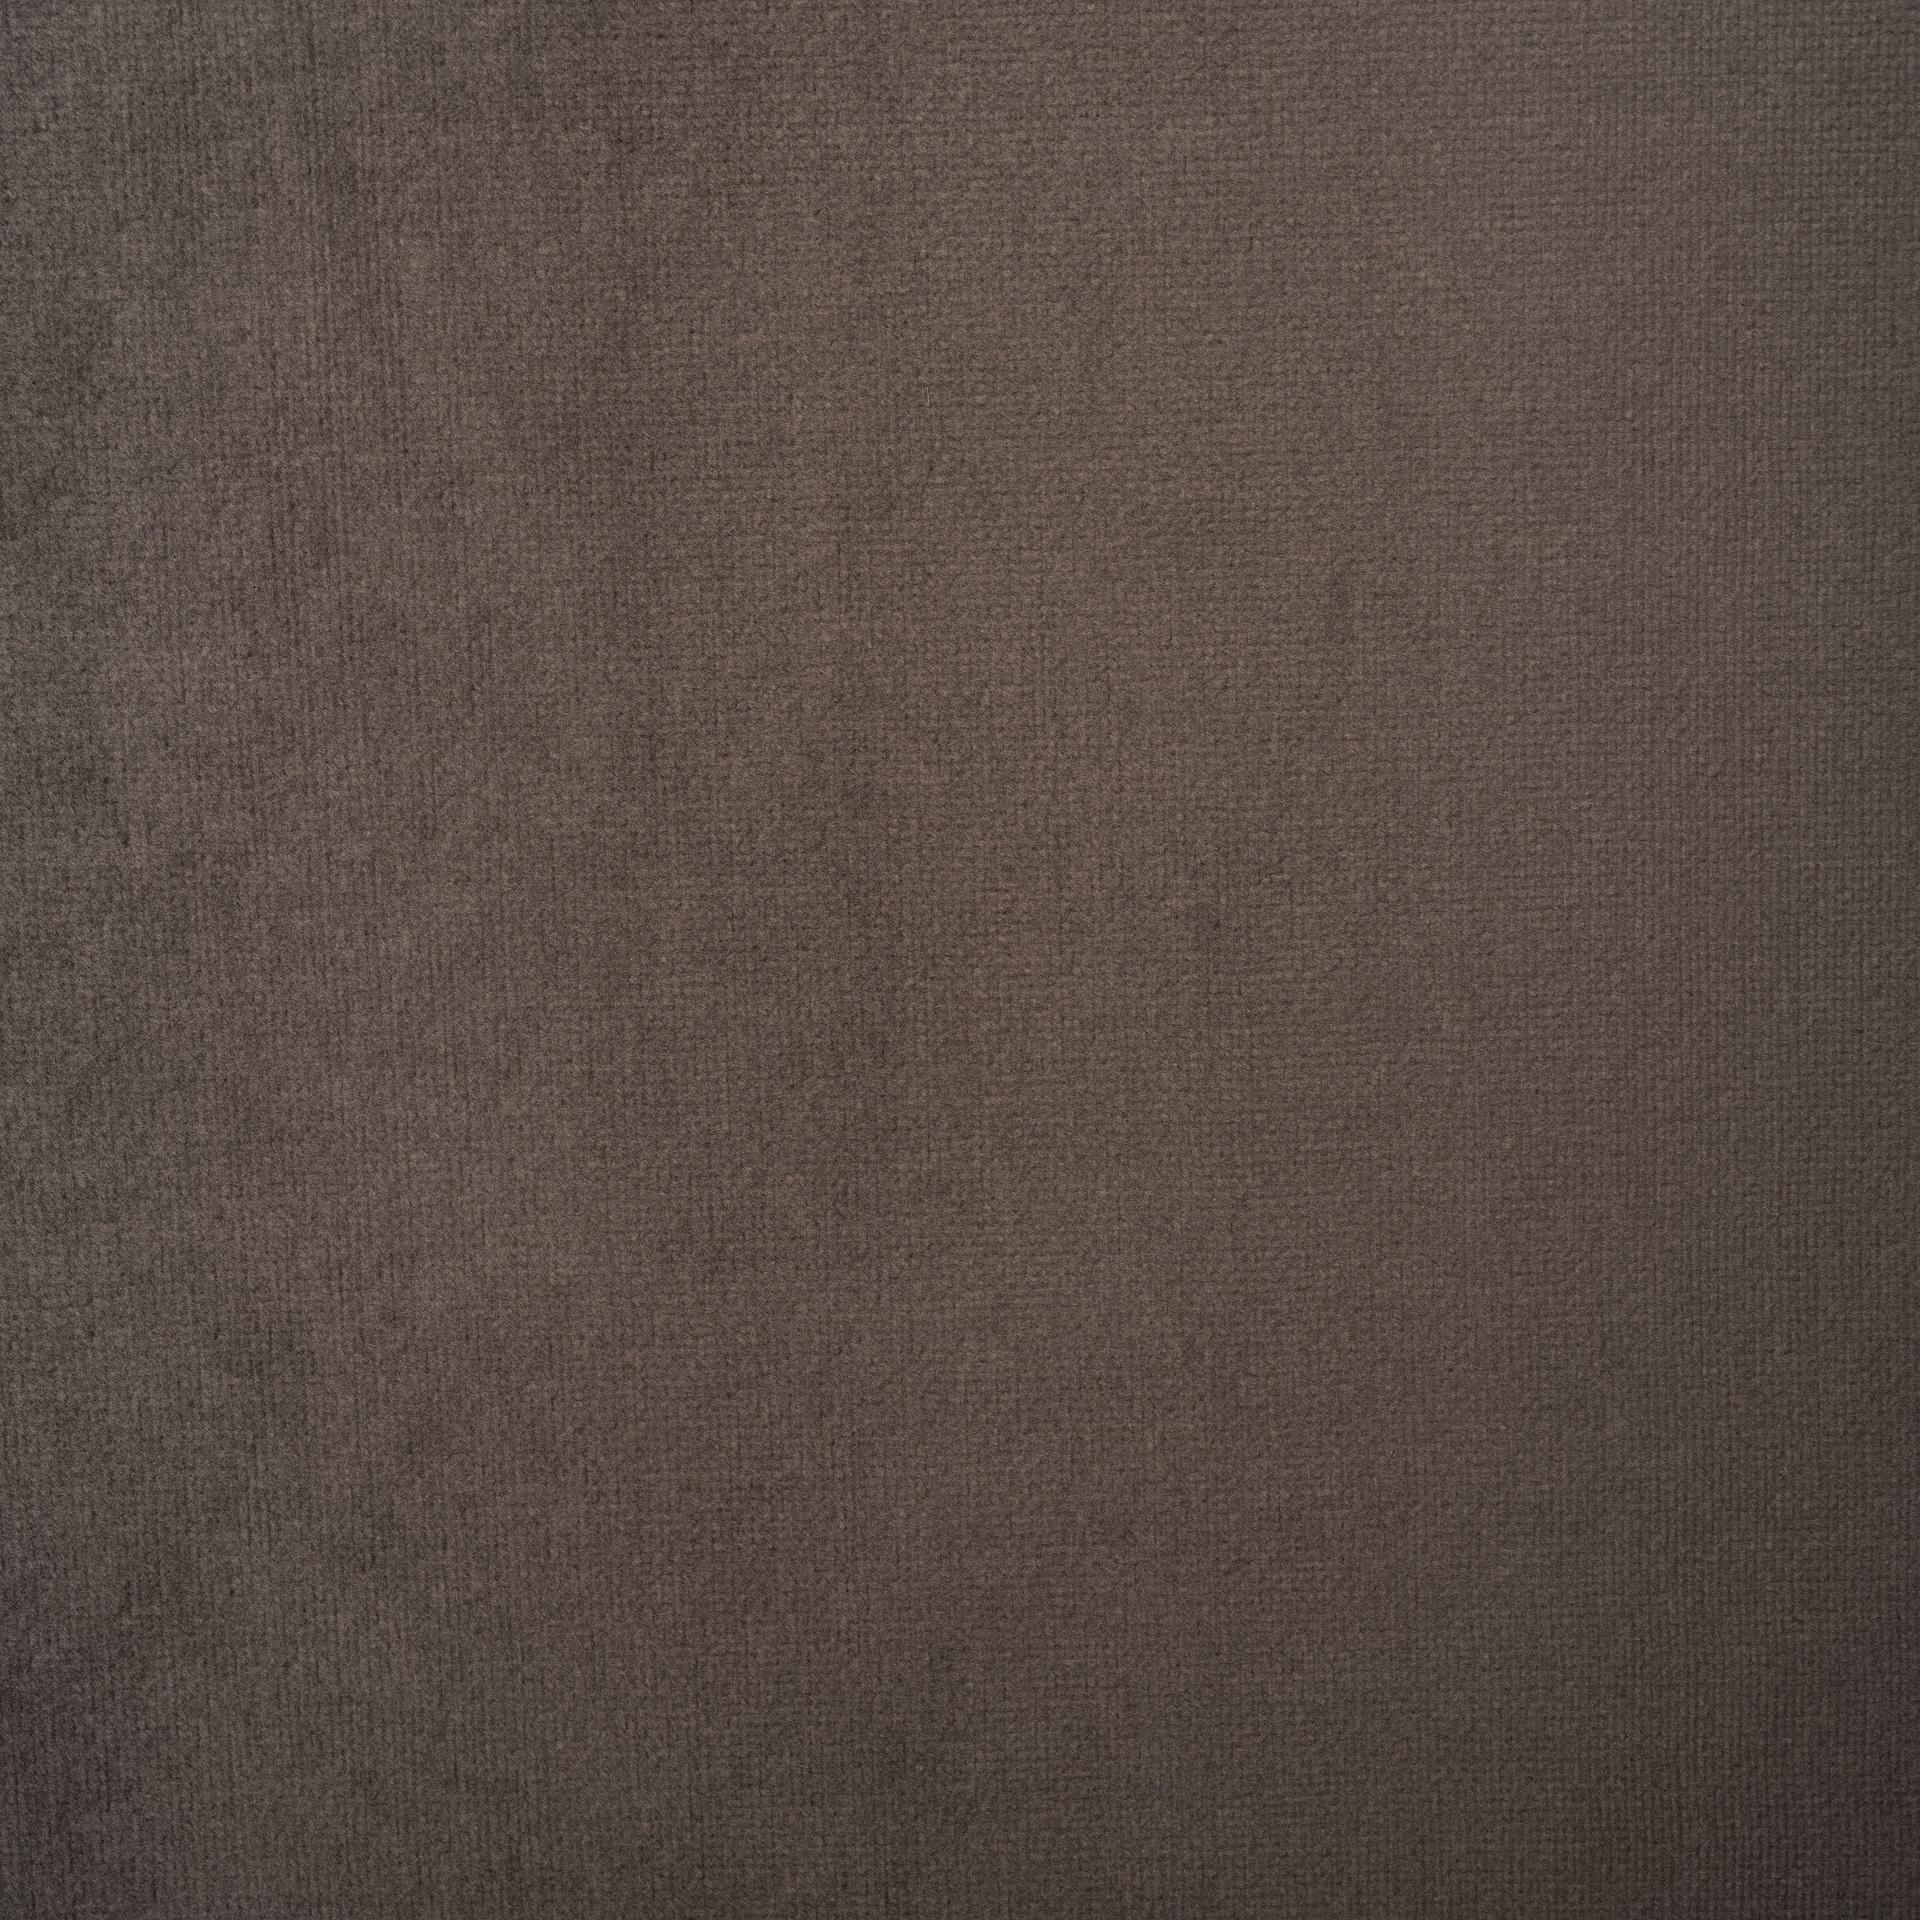 Коллекция ткани Багира 34 WALNUT,  купить ткань Велюр для мебели Украина